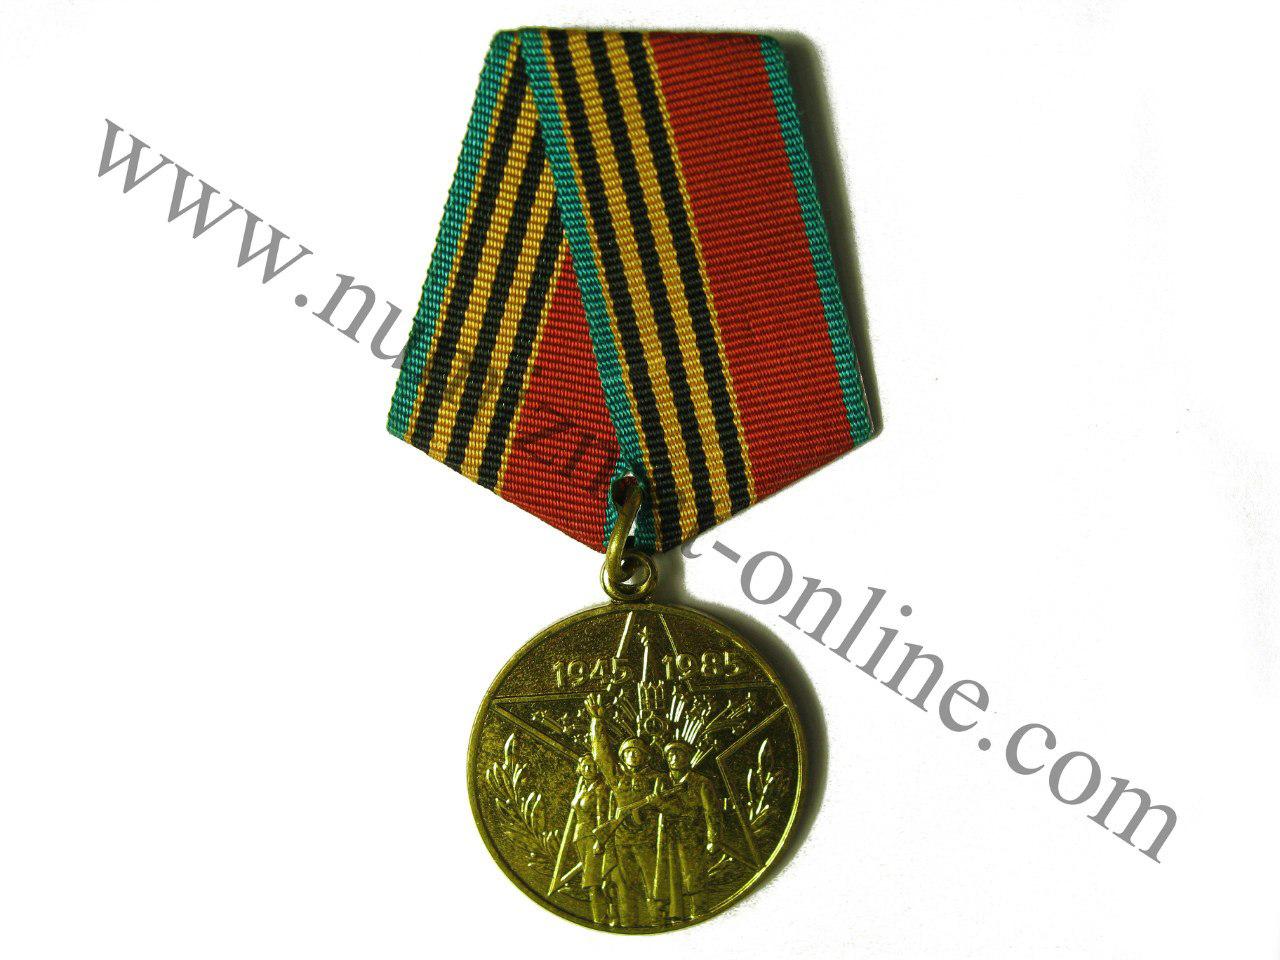 Юбилейная медаль «Сорок лет Победы в Великой Отечественной войне 1941 - 1945 гг.»